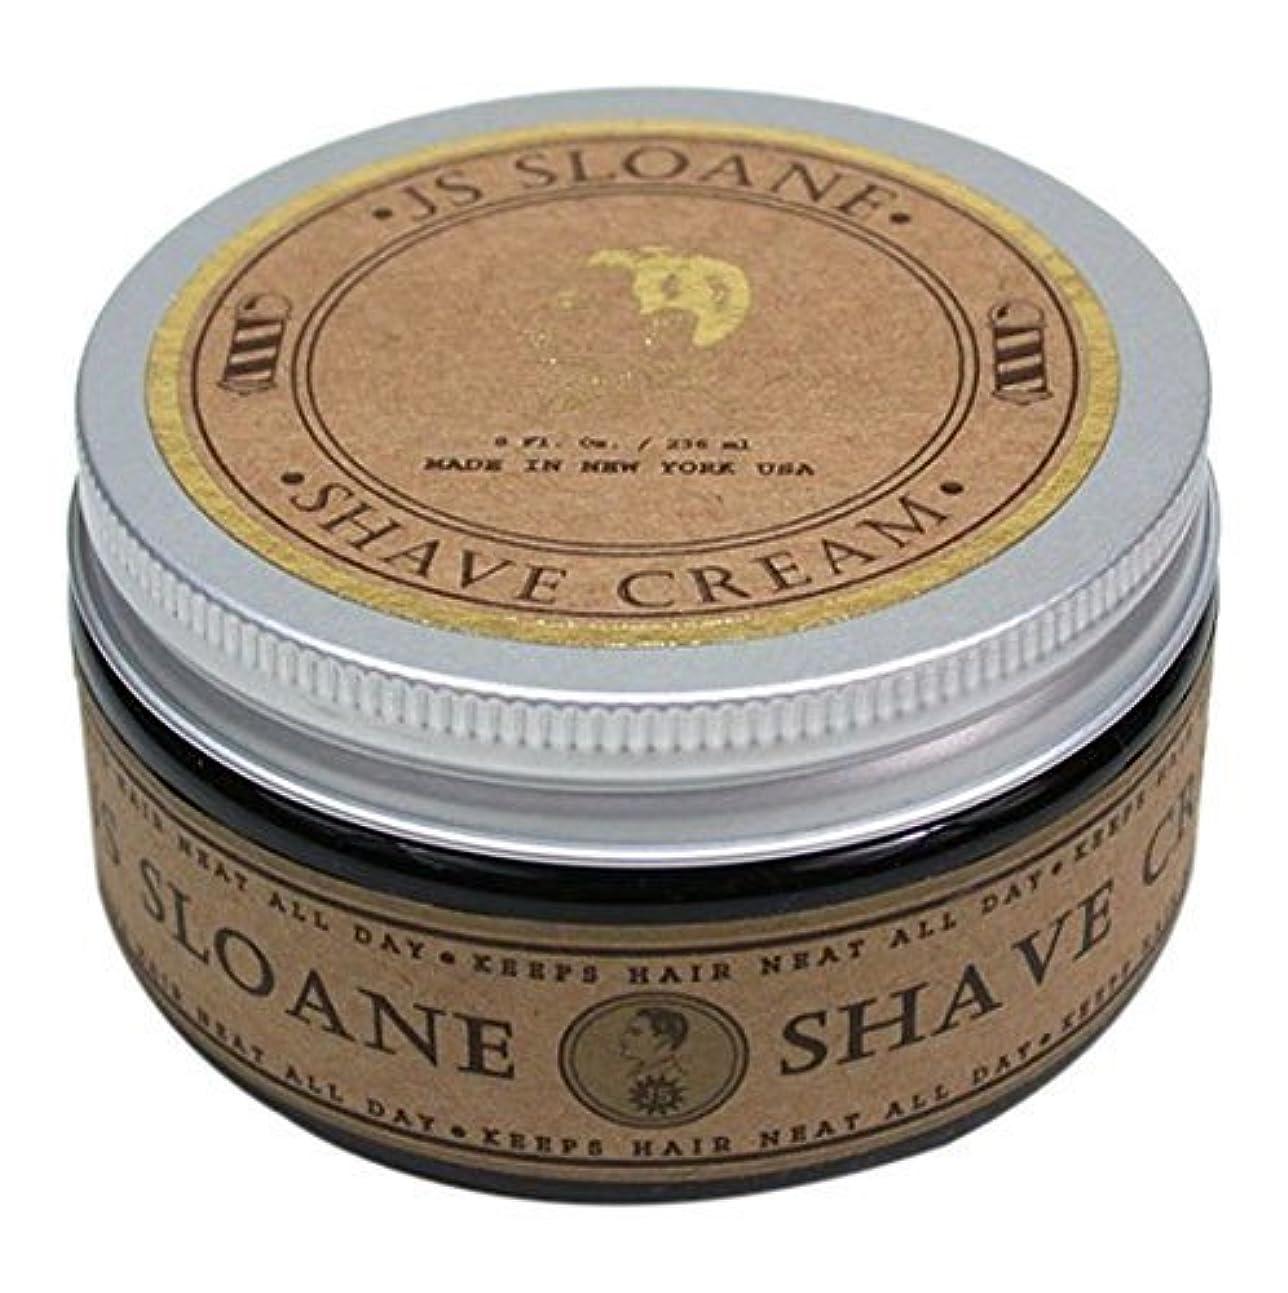 暫定ピット中央JS Sloane ジェントルマンズ シェーブクリーム / Gentlemen's Shave Cream , 8oz (236mL)